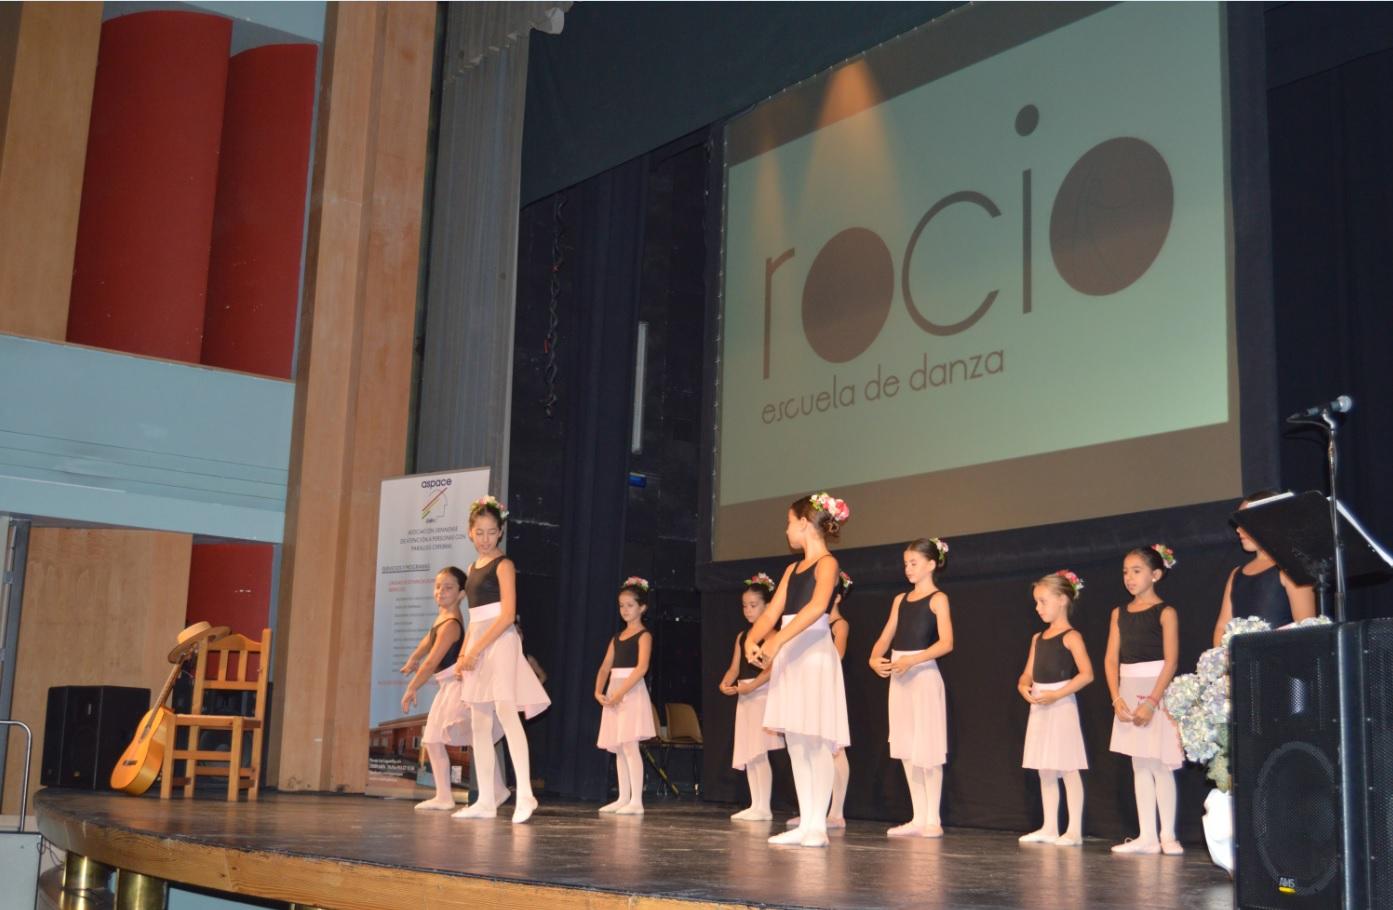 Un momento de la actuación del grupo de danza Rocío